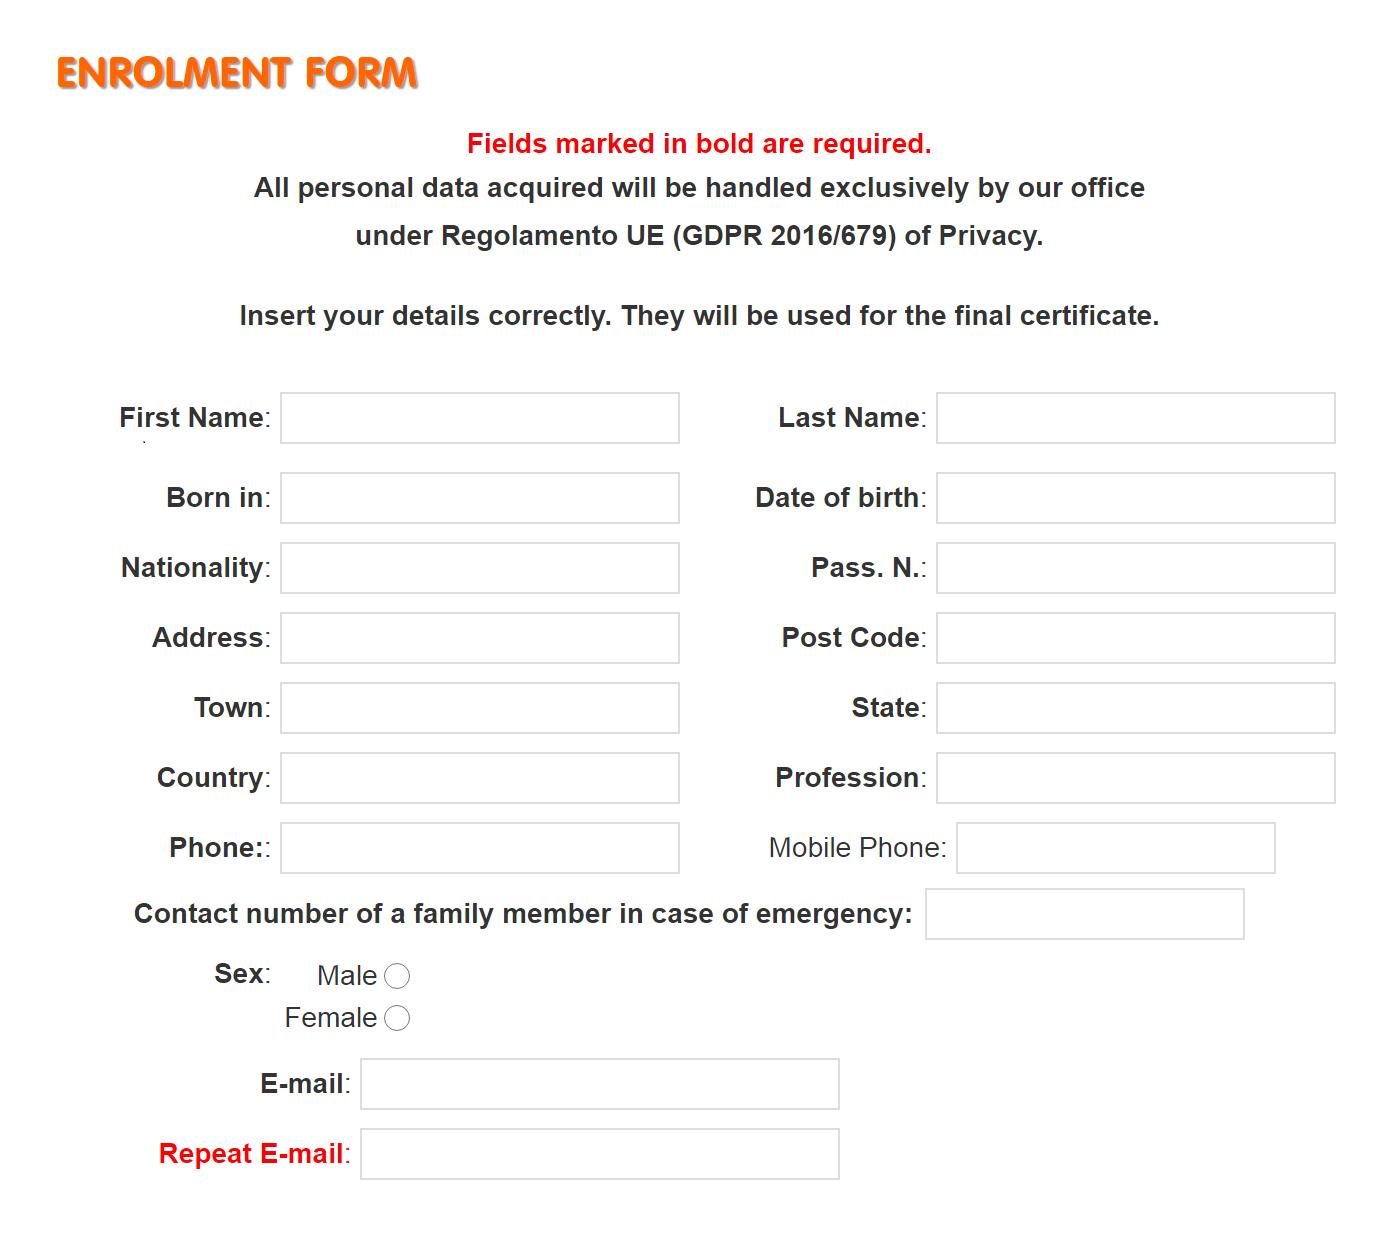 Так выглядит Enrolment form, которую нужно заполнить студенту